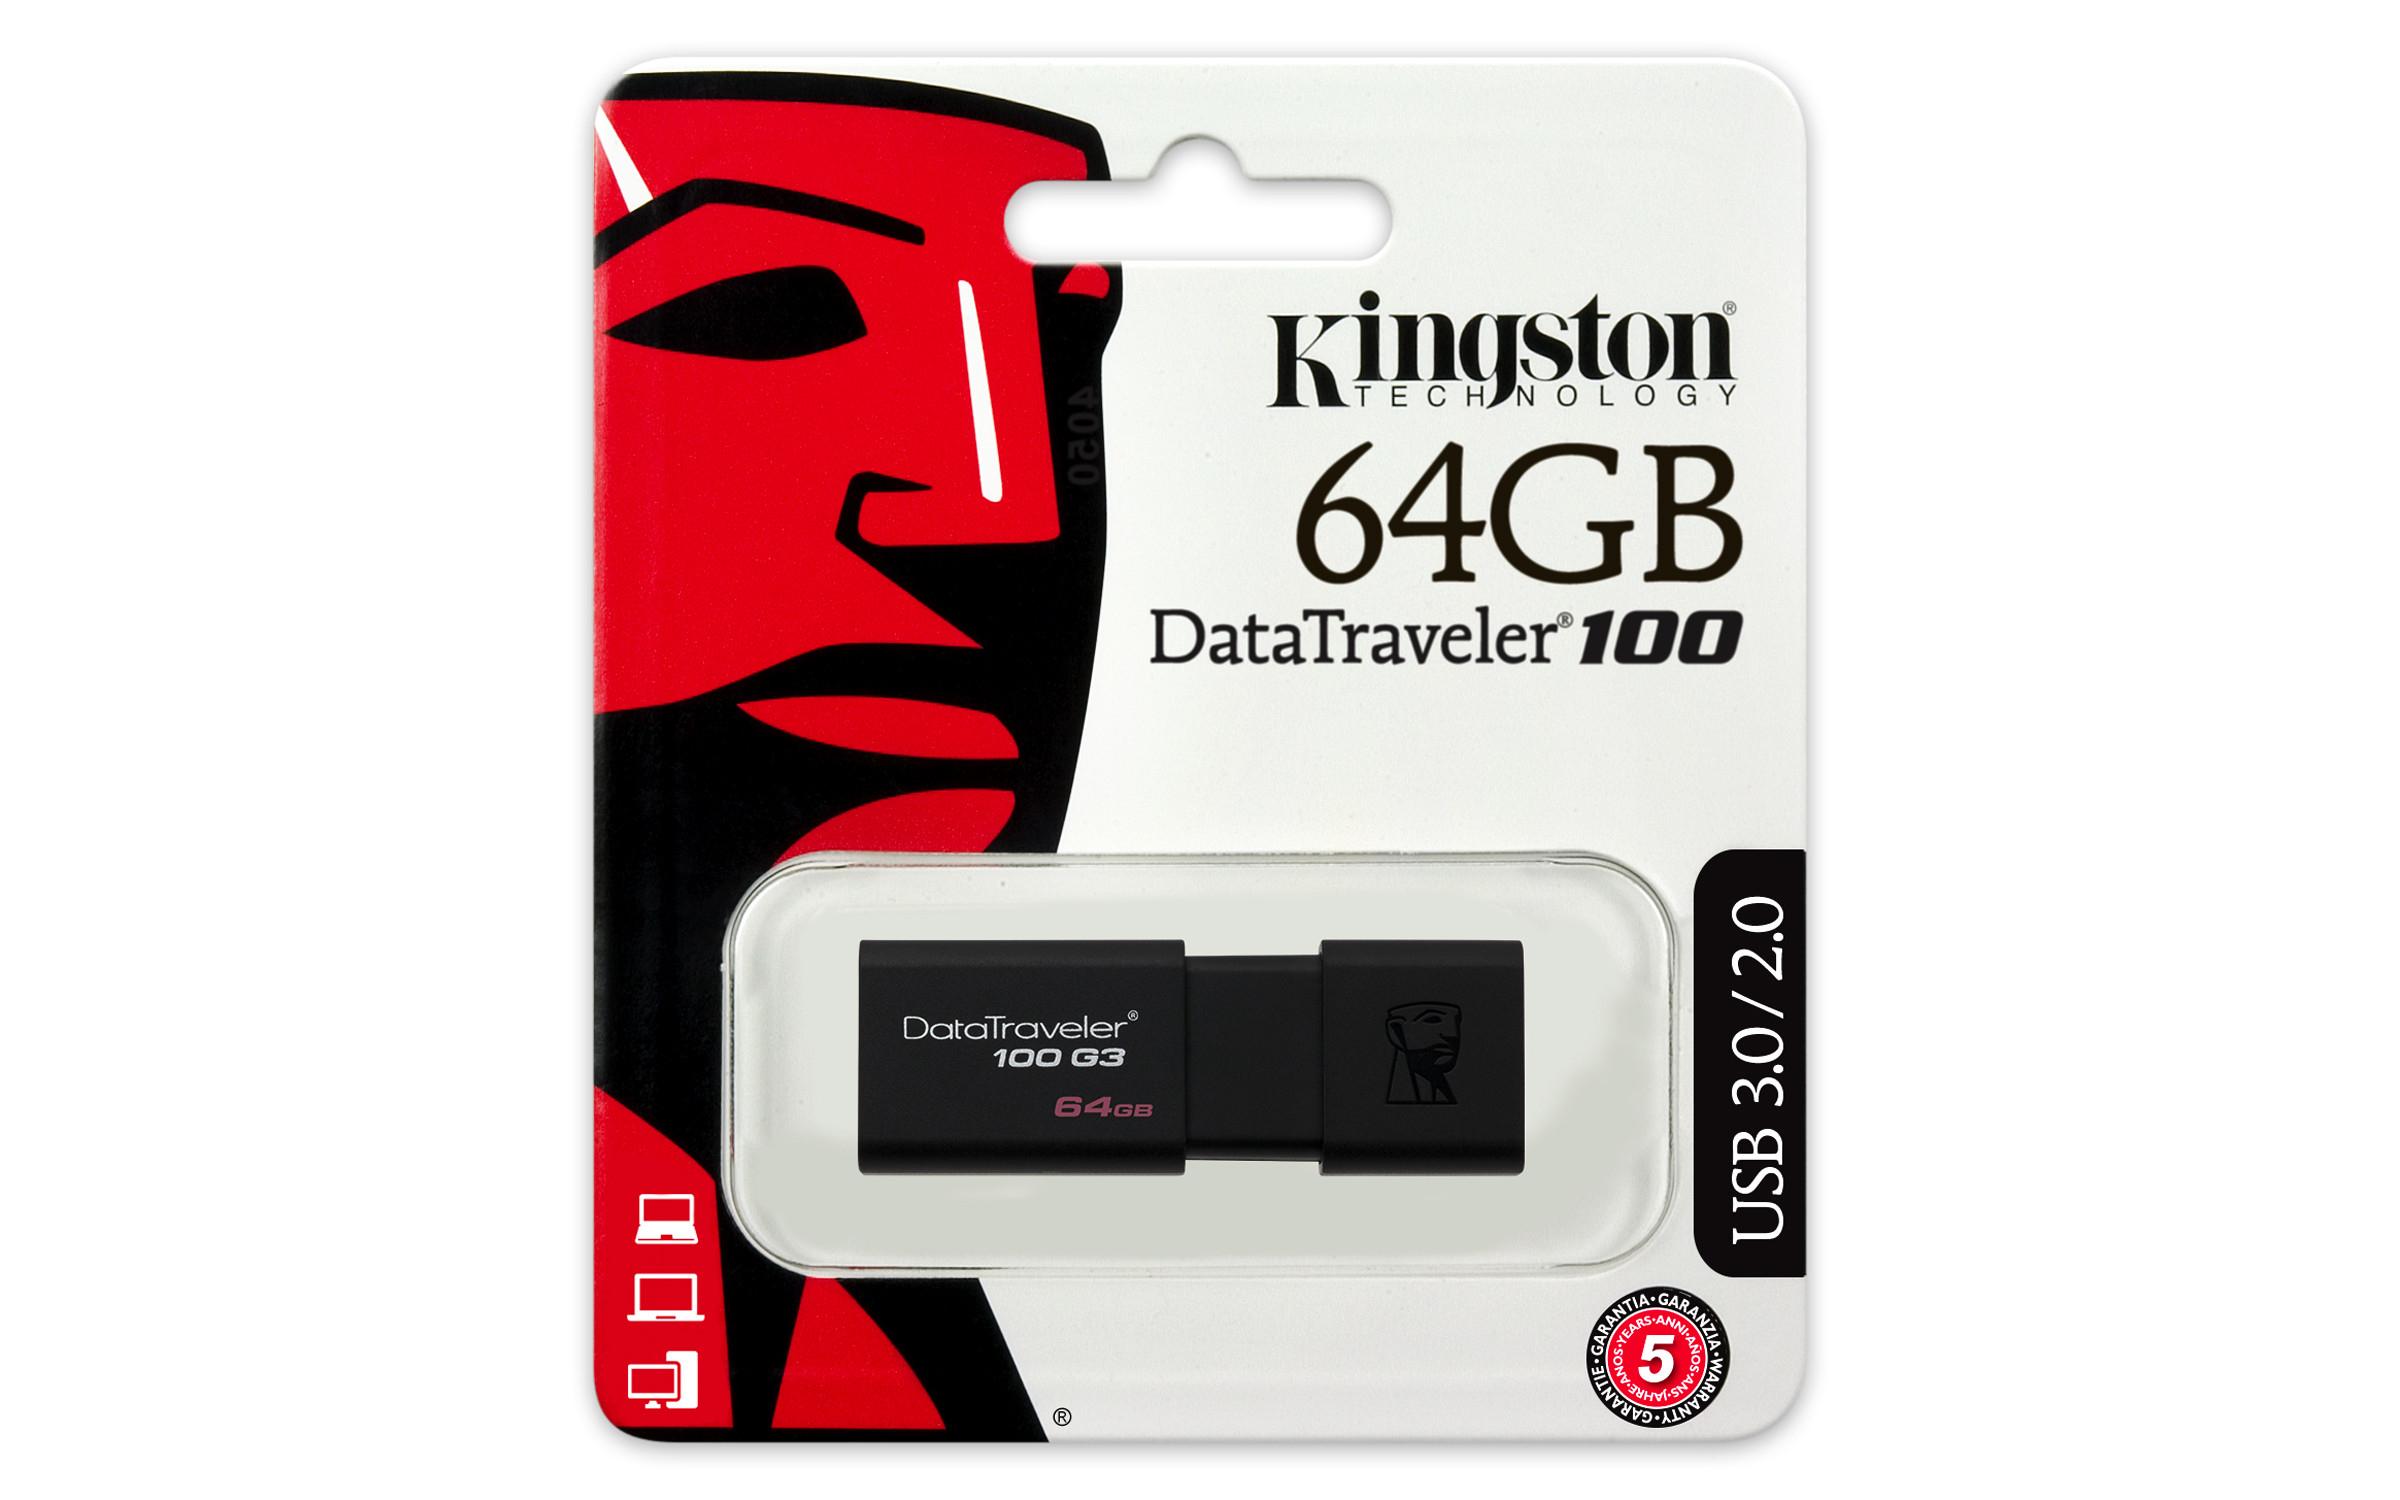 DT100G3/64GB DataTraveler 100 G3 64 GB (USB 3.0)